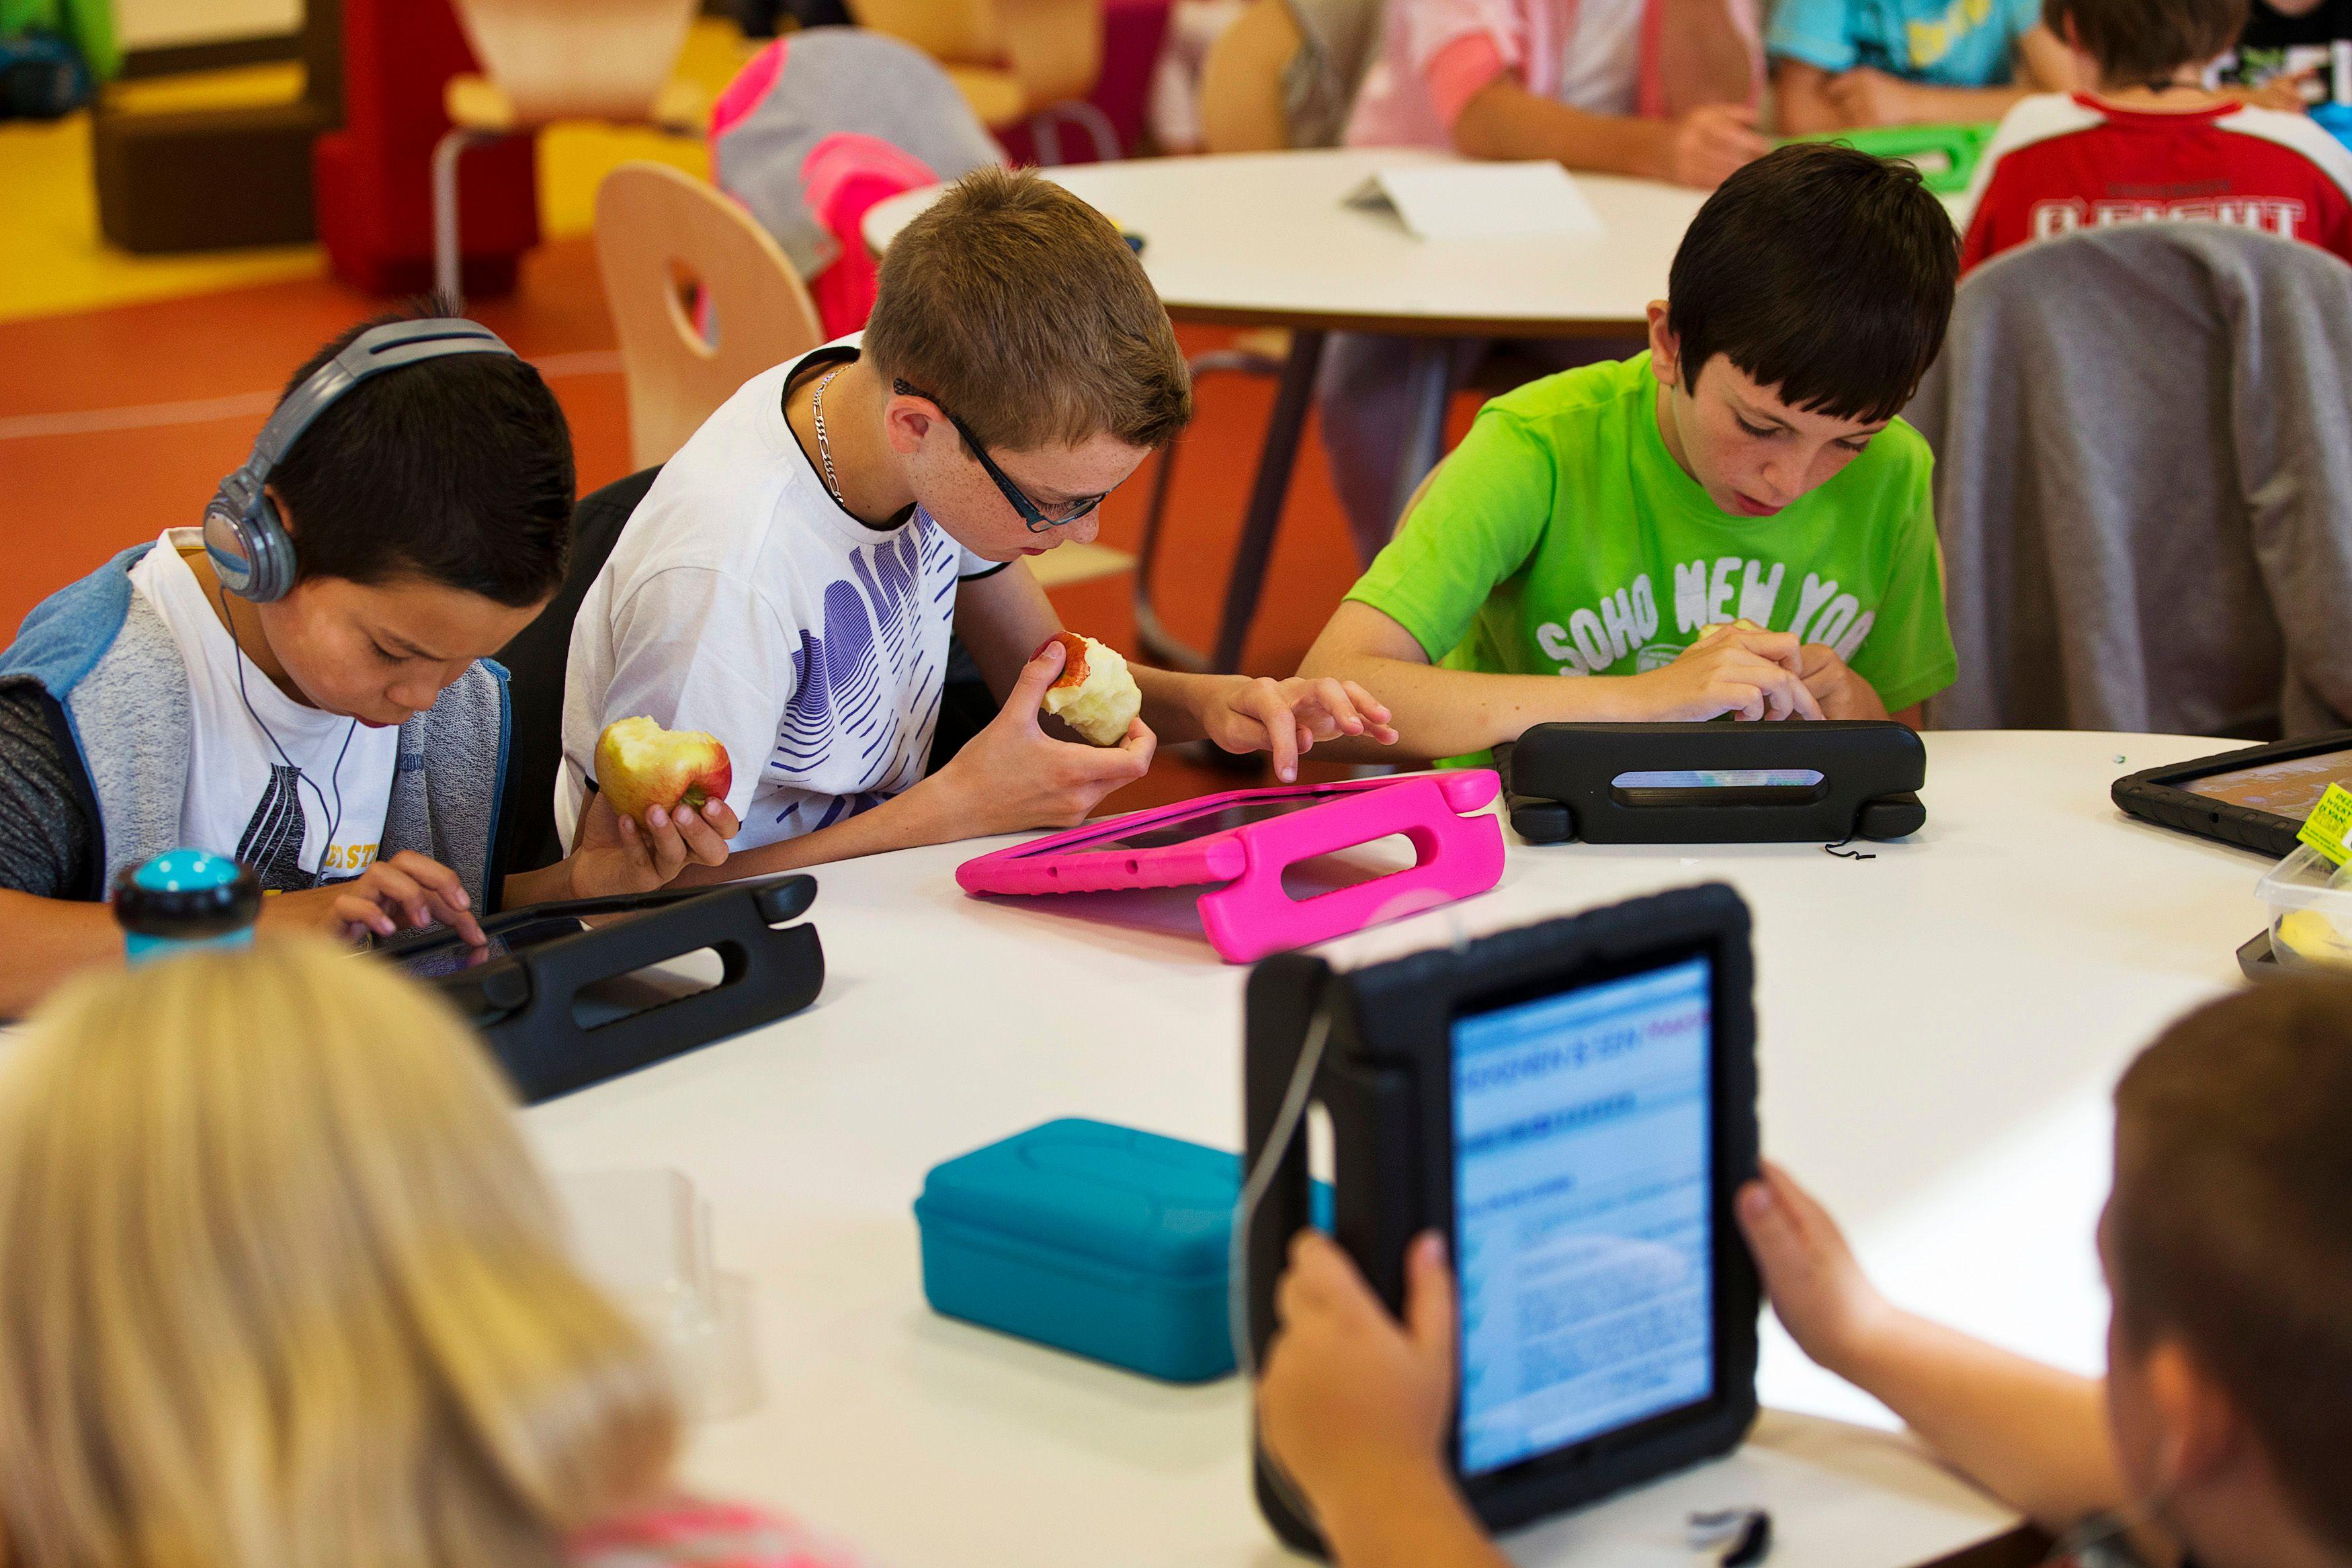 Pourquoi le nouvel iPad de votre enfant peut se révéler un terrible aimant à pédophiles malgré le contrôle parental